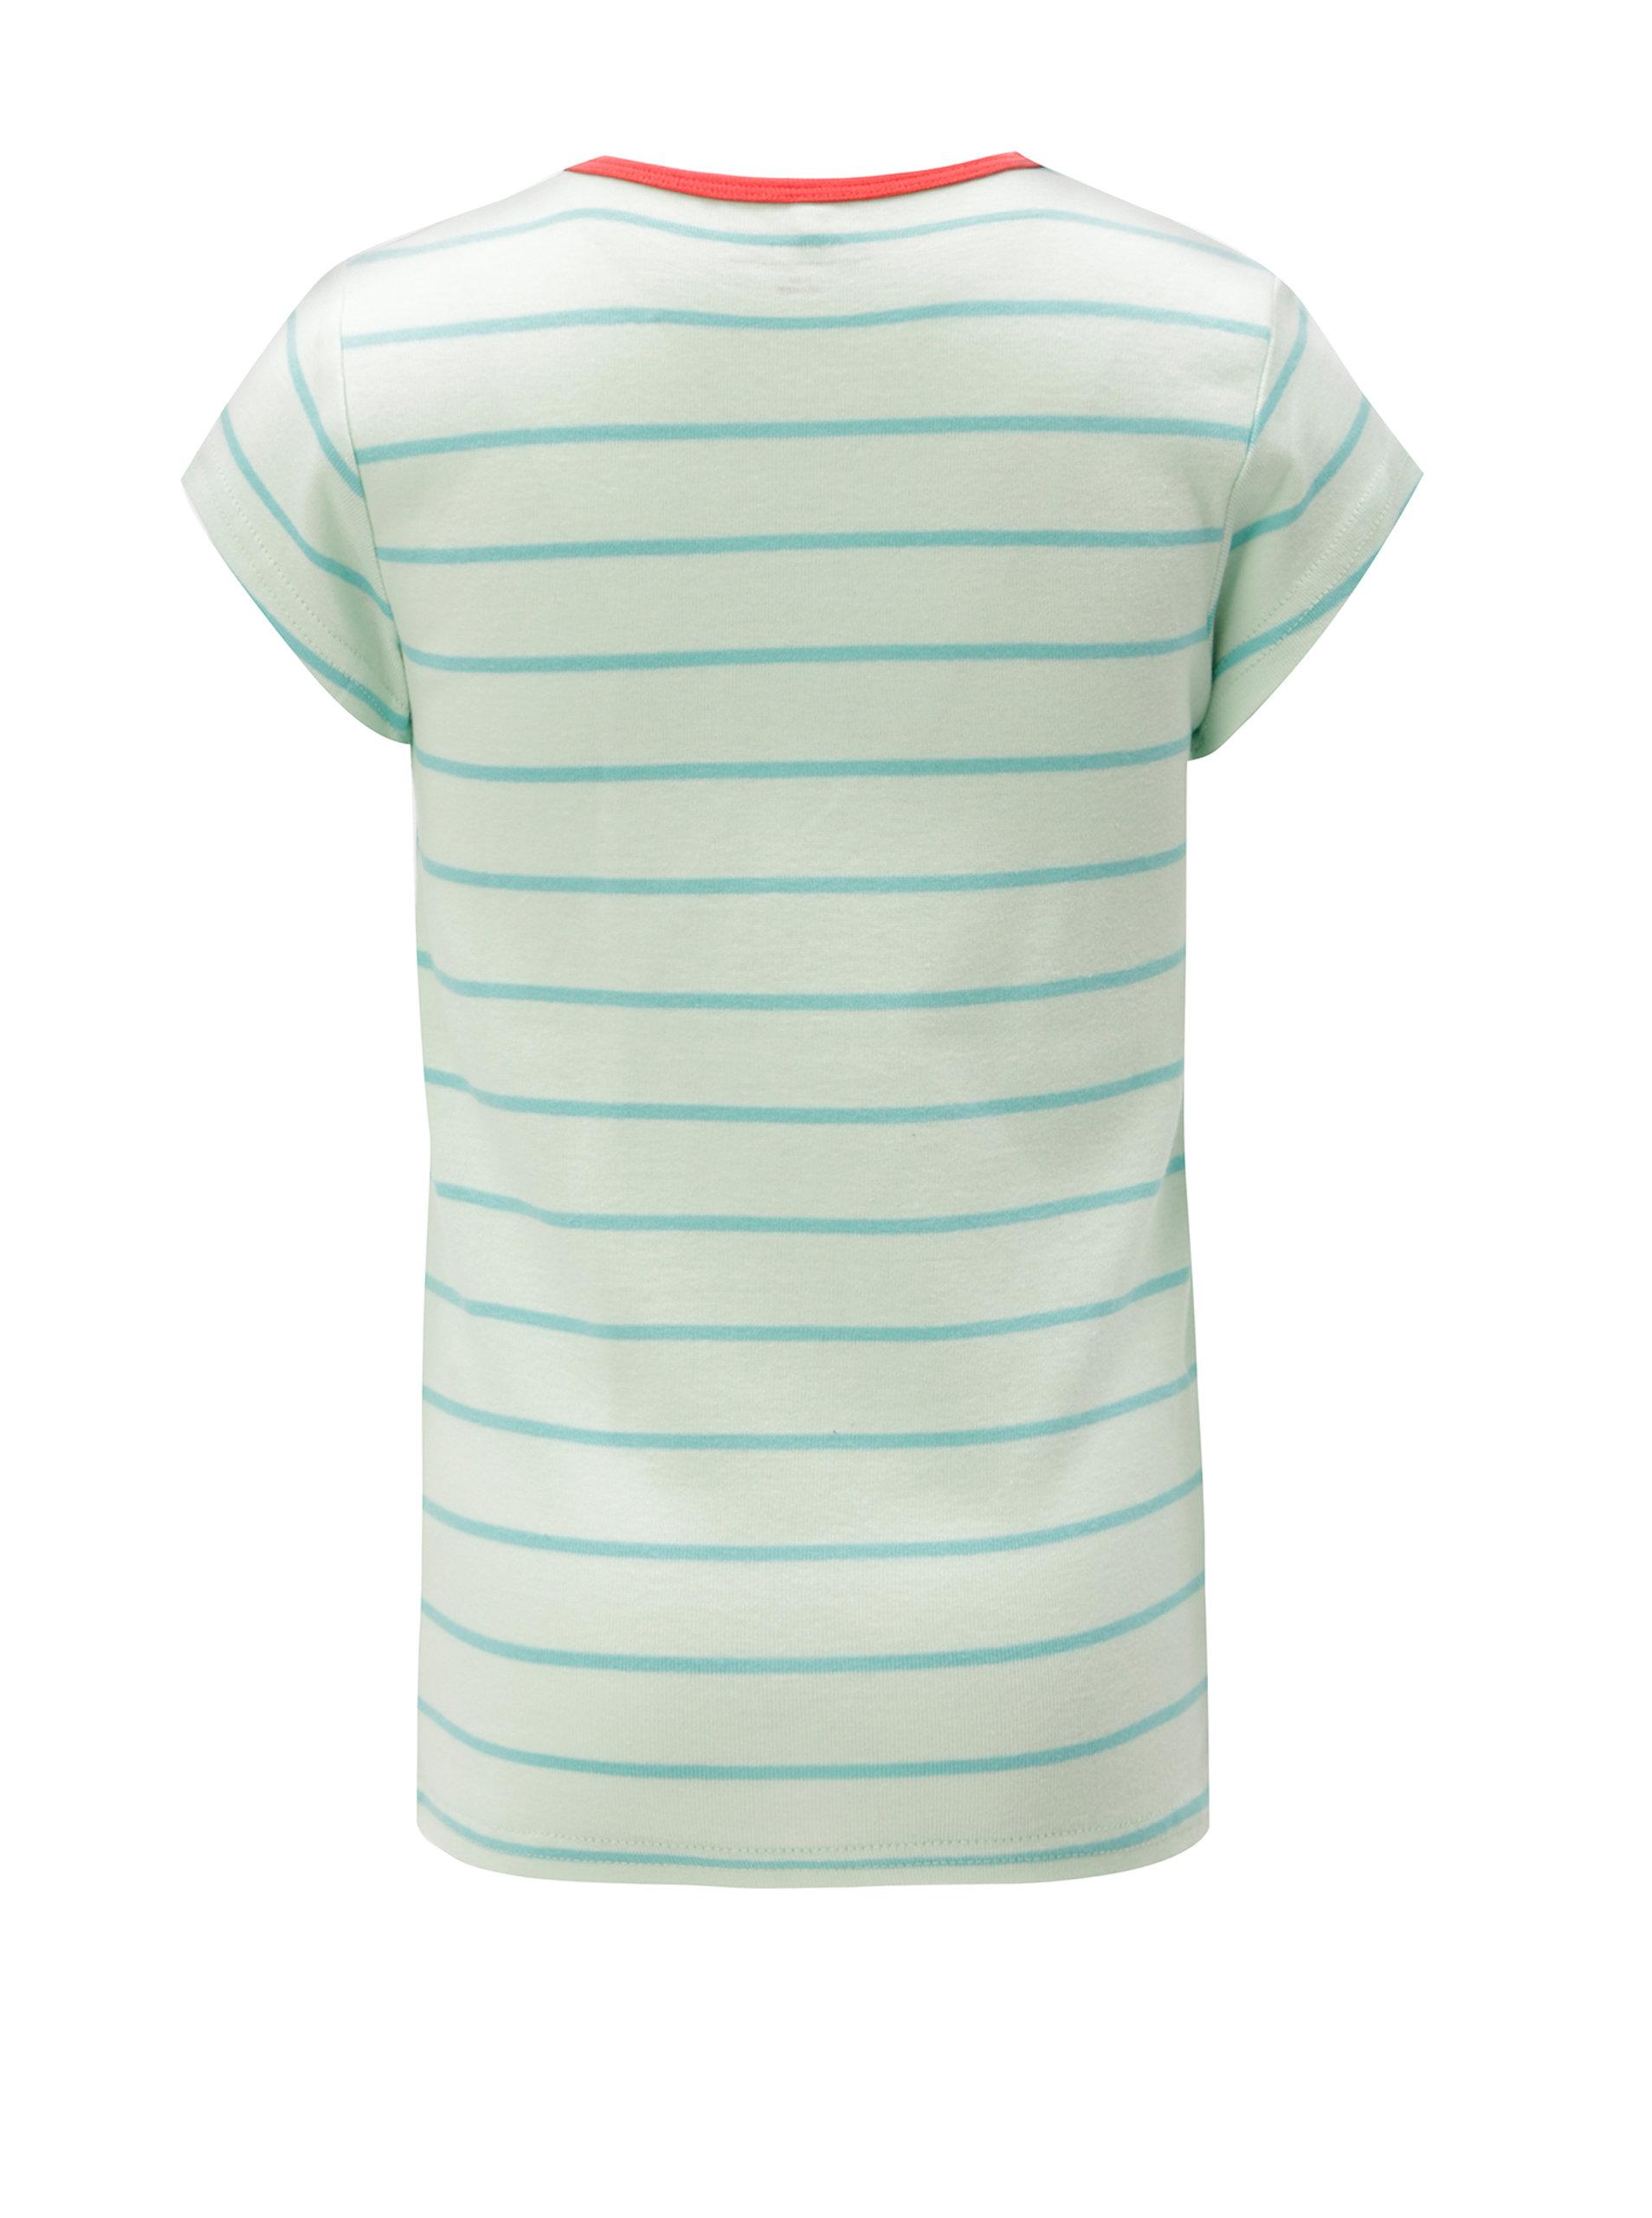 c5b3b094bddab Zelené dievčenské pruhované tričko name it Verit   ZOOT.sk